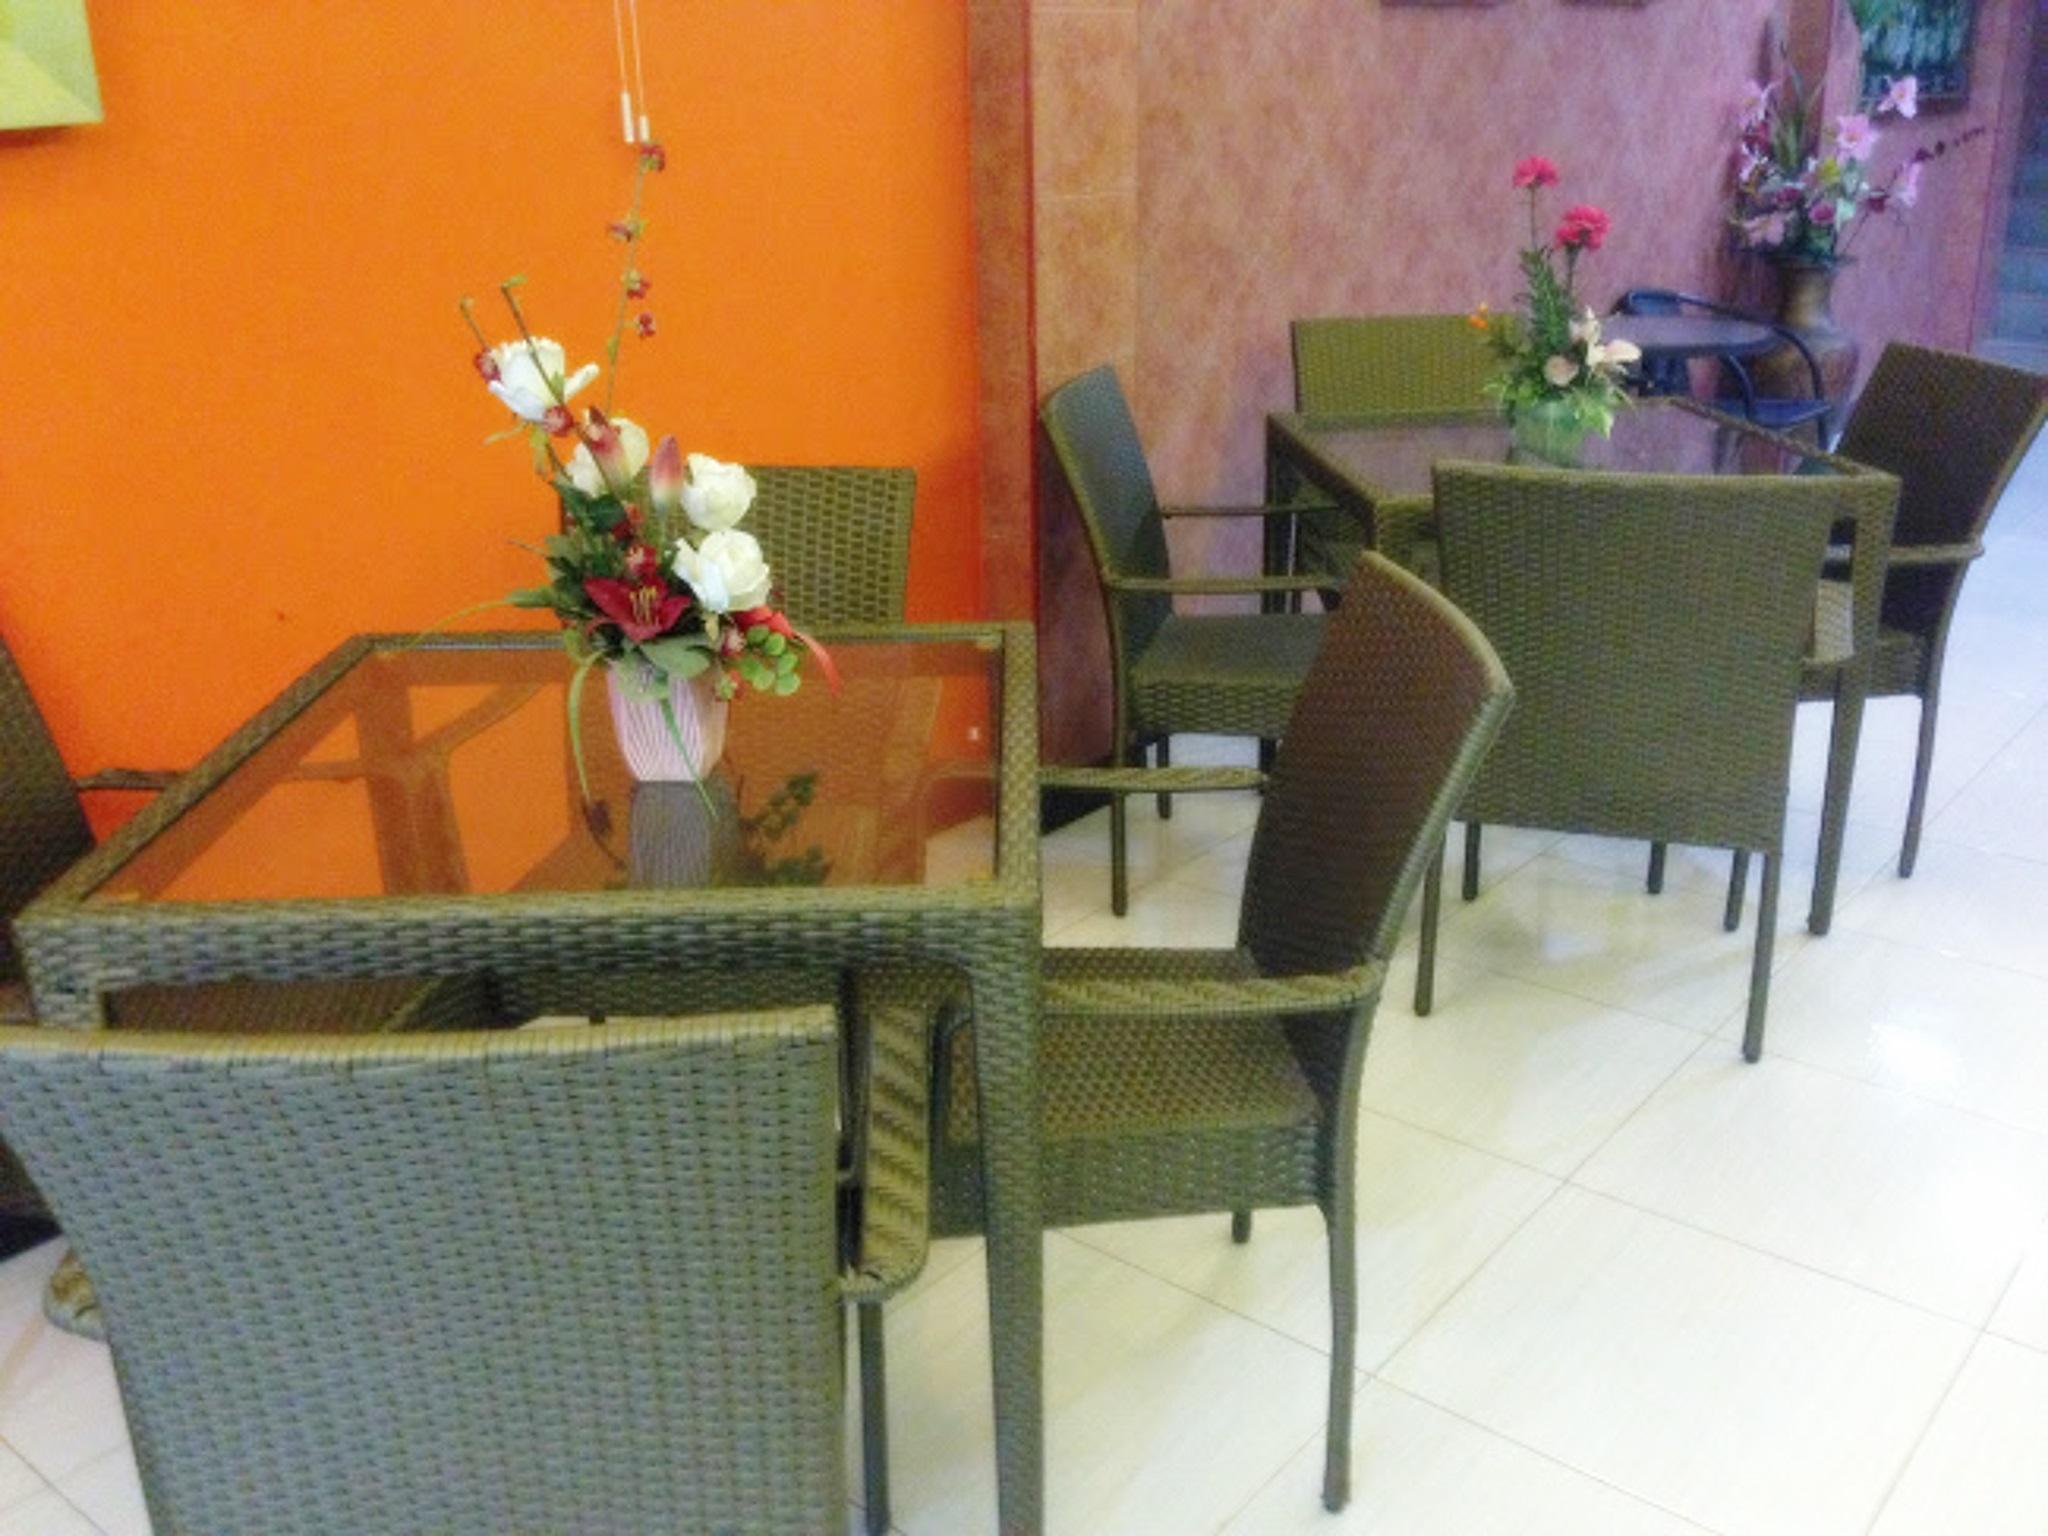 Hotell Silla Patong Hostel i Patong, Phuket. Klicka för att läsa mer och skicka bokningsförfrågan